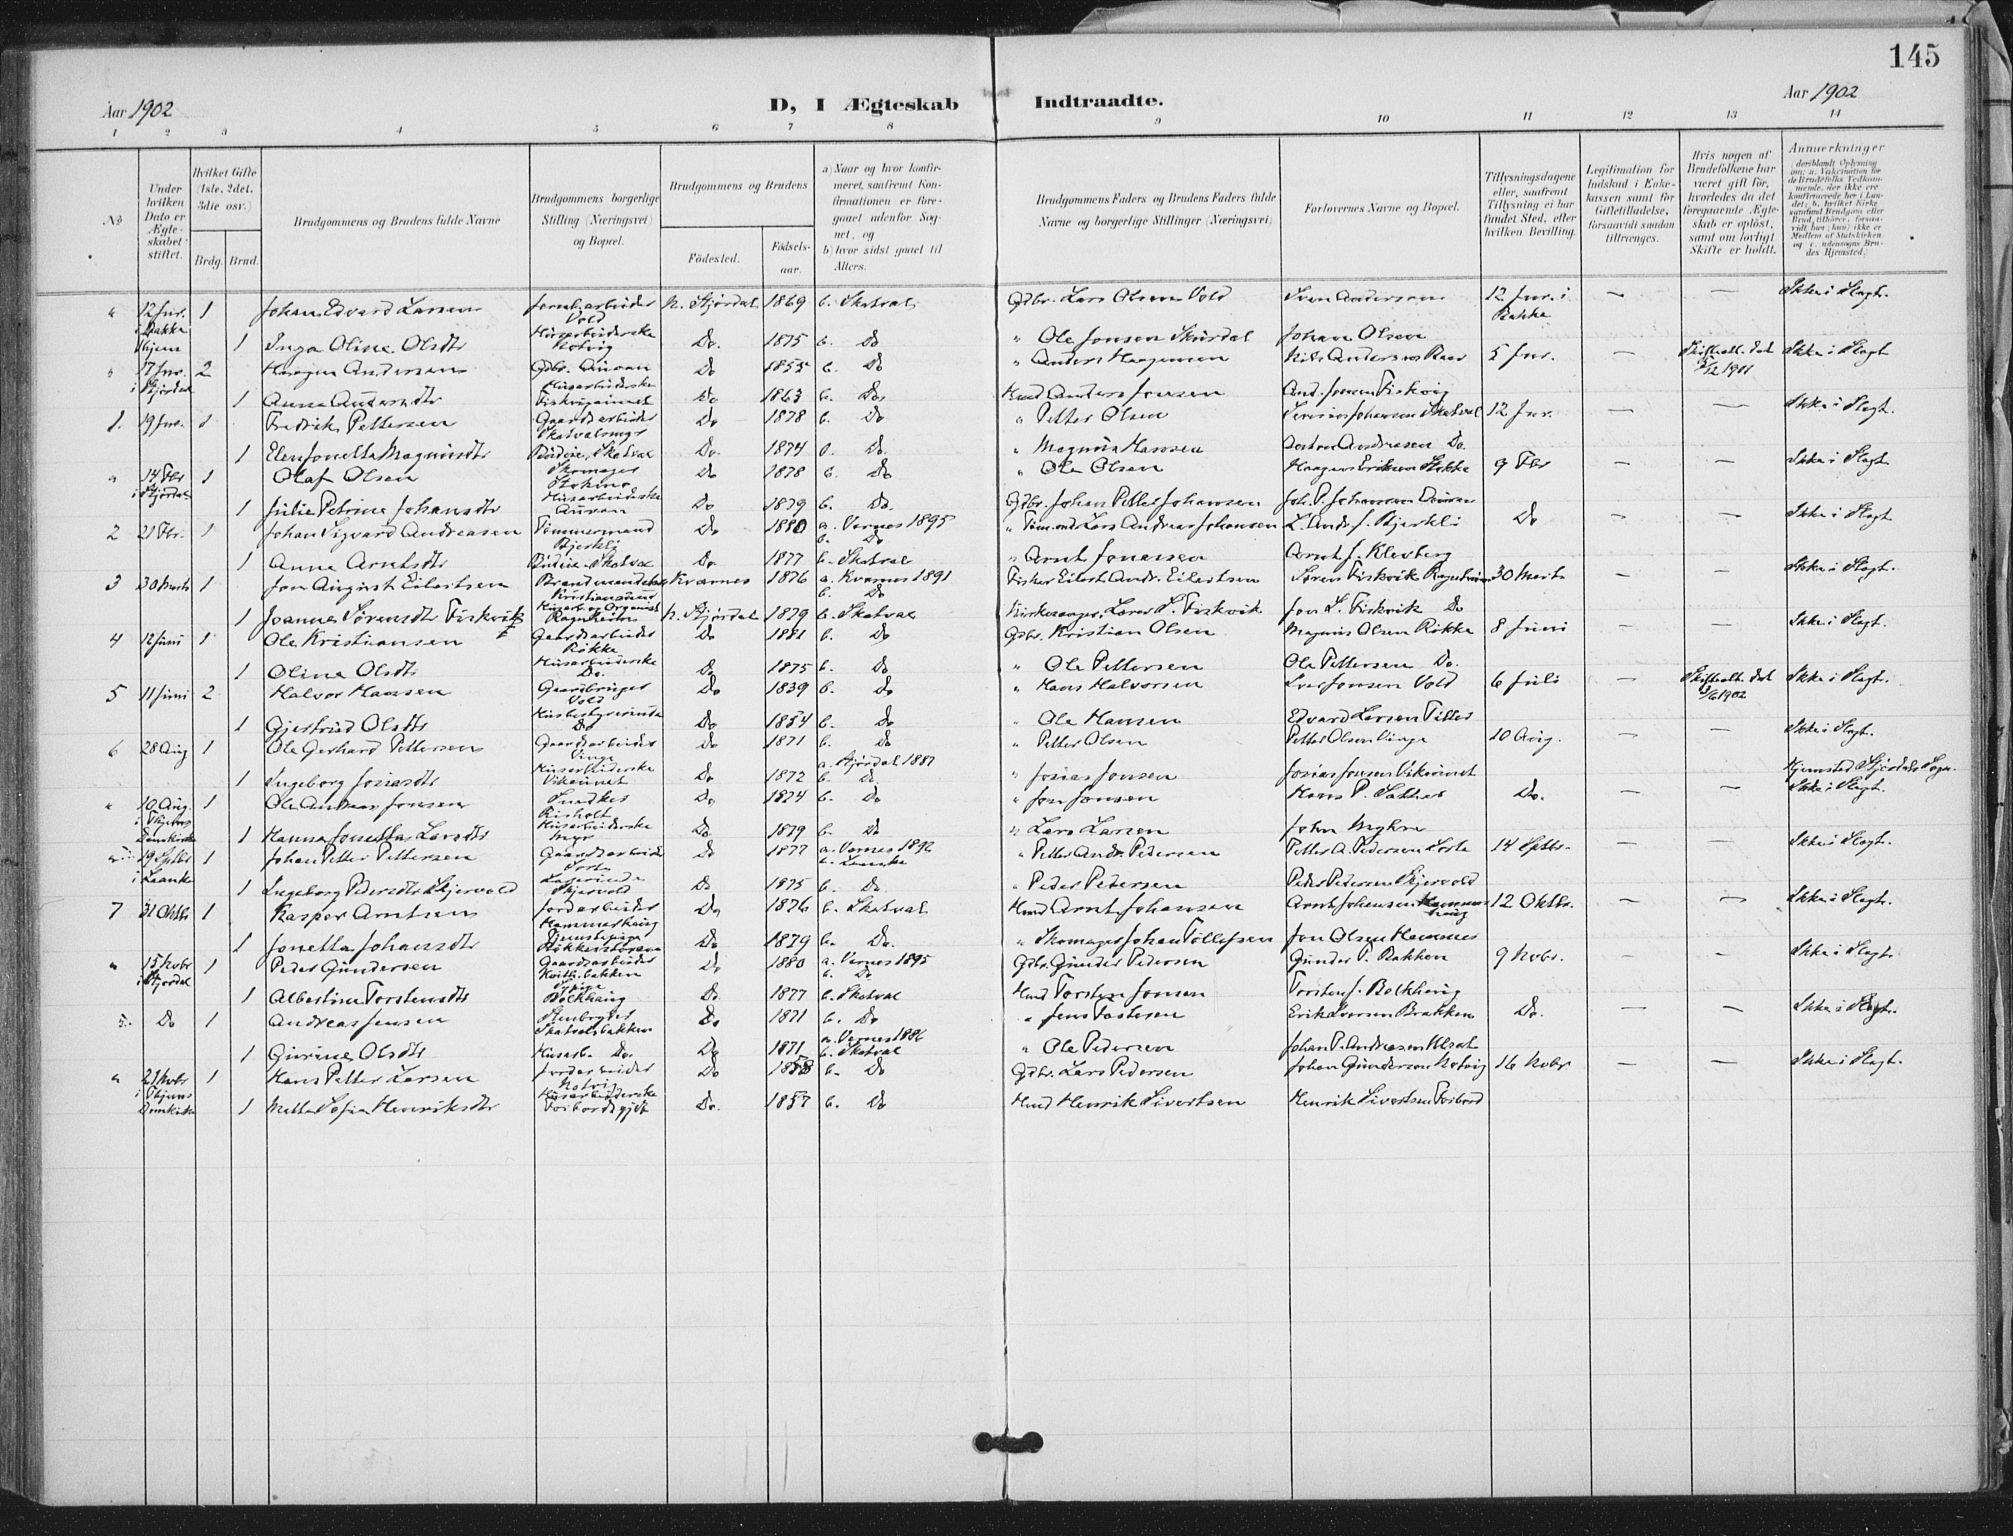 SAT, Ministerialprotokoller, klokkerbøker og fødselsregistre - Nord-Trøndelag, 712/L0101: Ministerialbok nr. 712A02, 1901-1916, s. 145